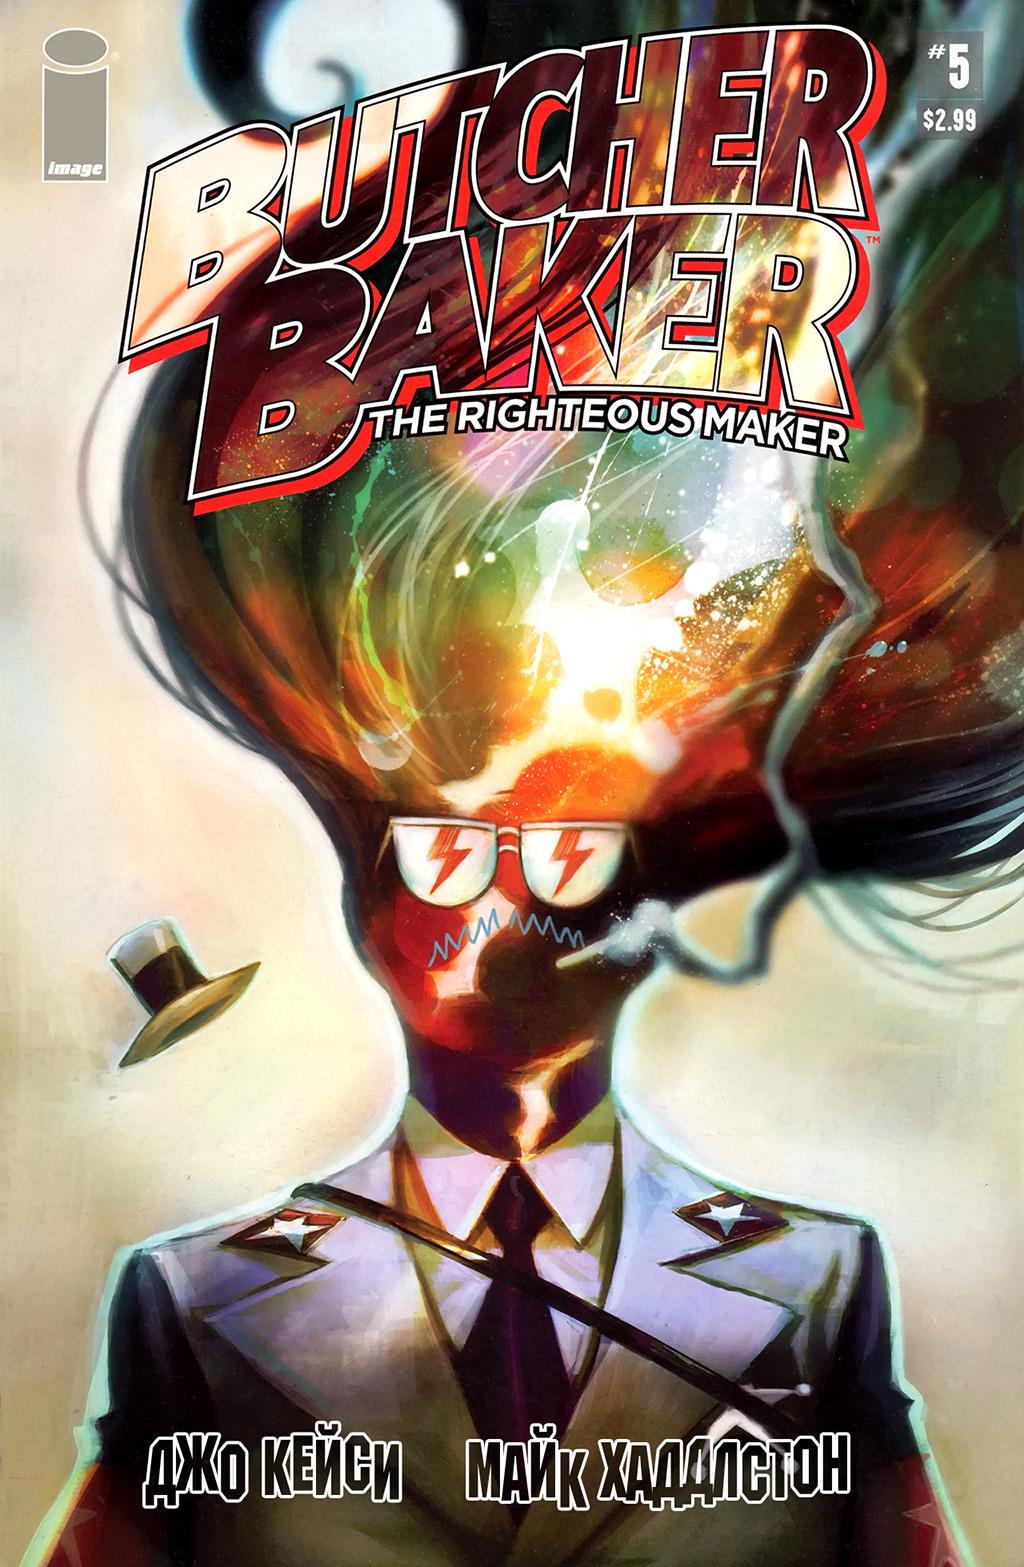 Комикс Бутчер Бейкер: Творец Справедливости